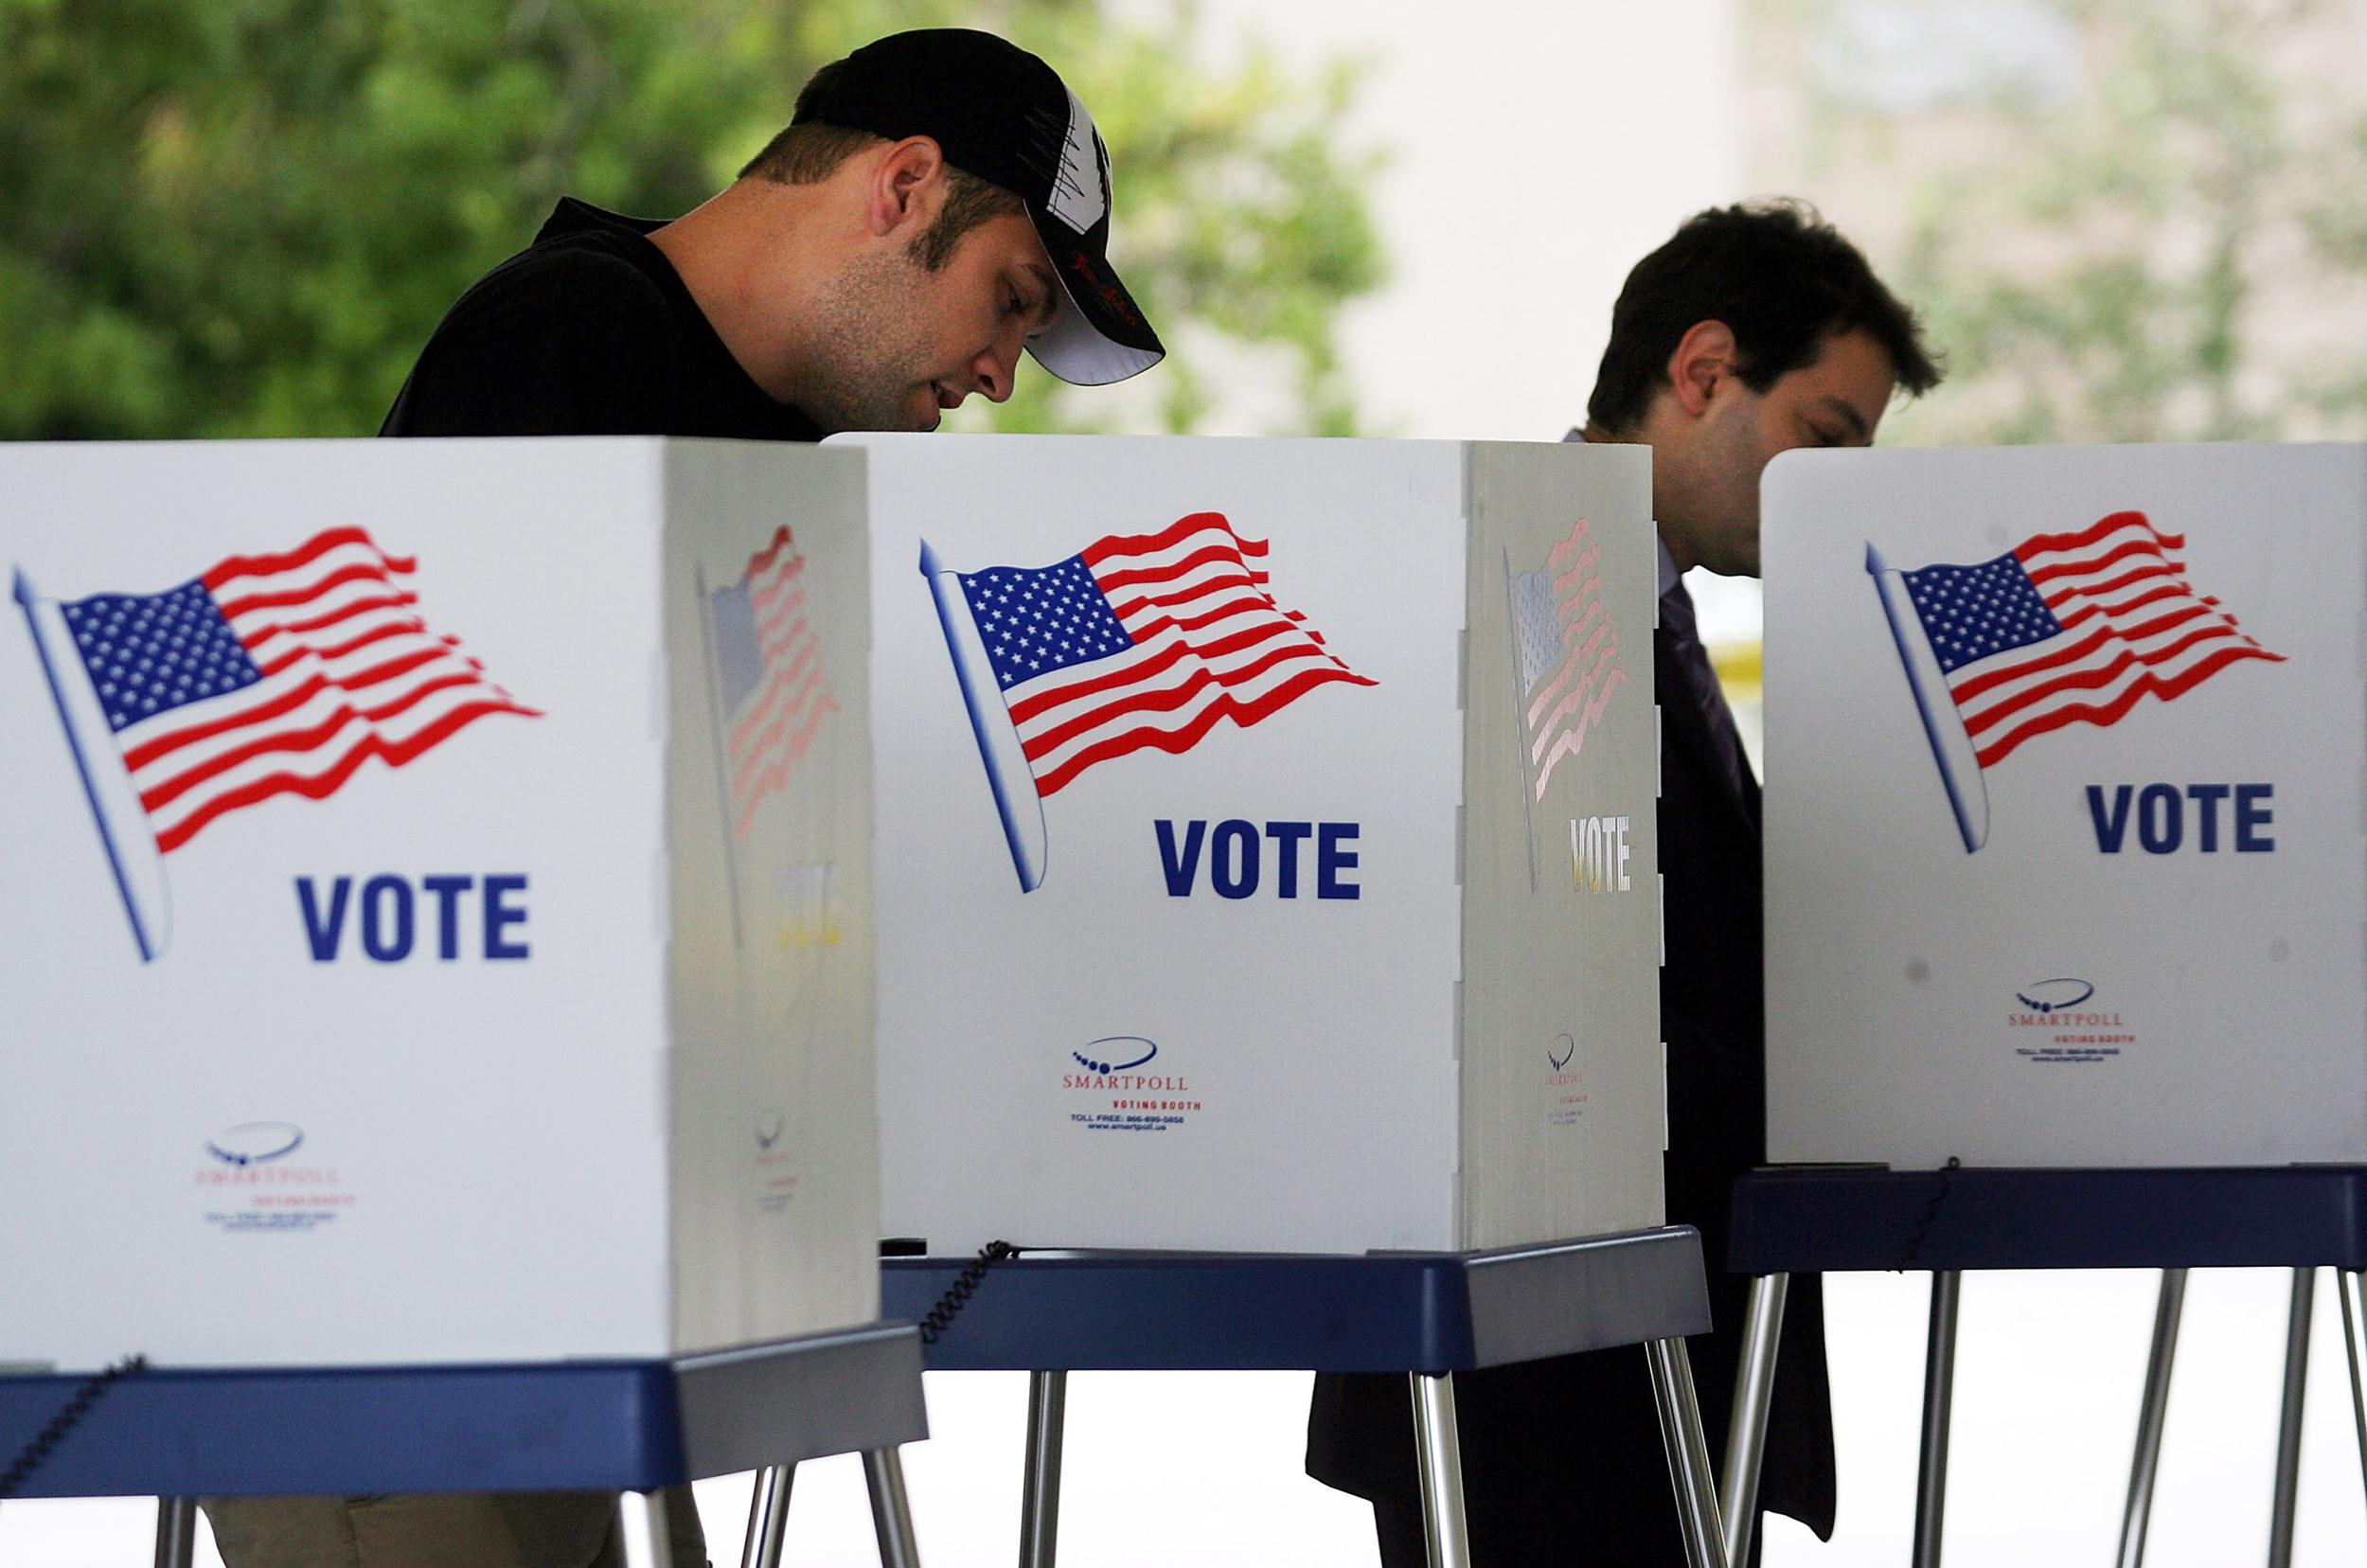 شرایط نامزدی نمایندگی مجلس در ایران، آمریکا، انگلستان، فرانسه، آلمان، آفریقای جنوبی و اردن